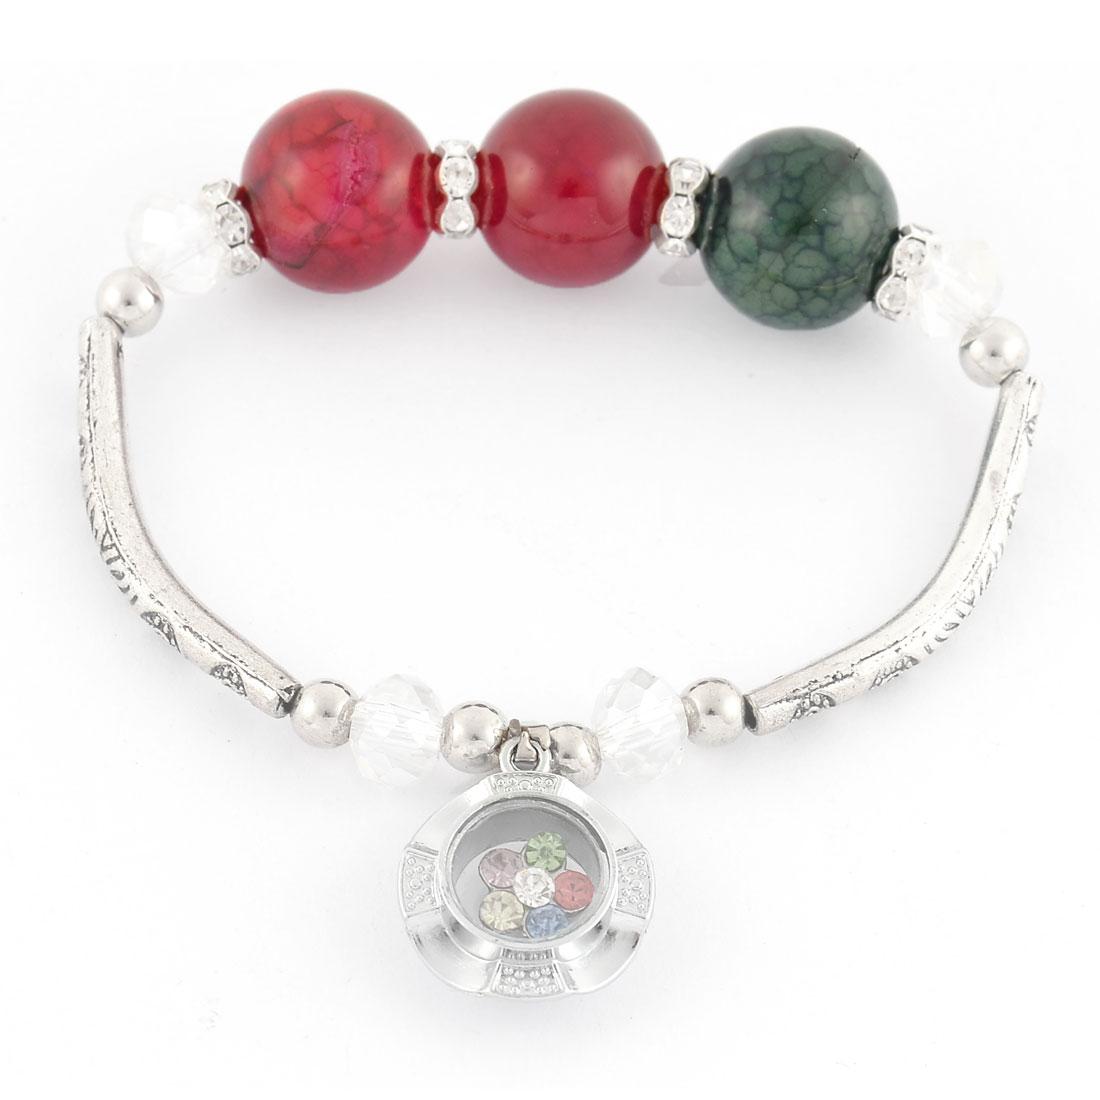 Lady Rhinestone Inlaid Pendant Elastic String Beads Linked Bracelet Bangle Wrist